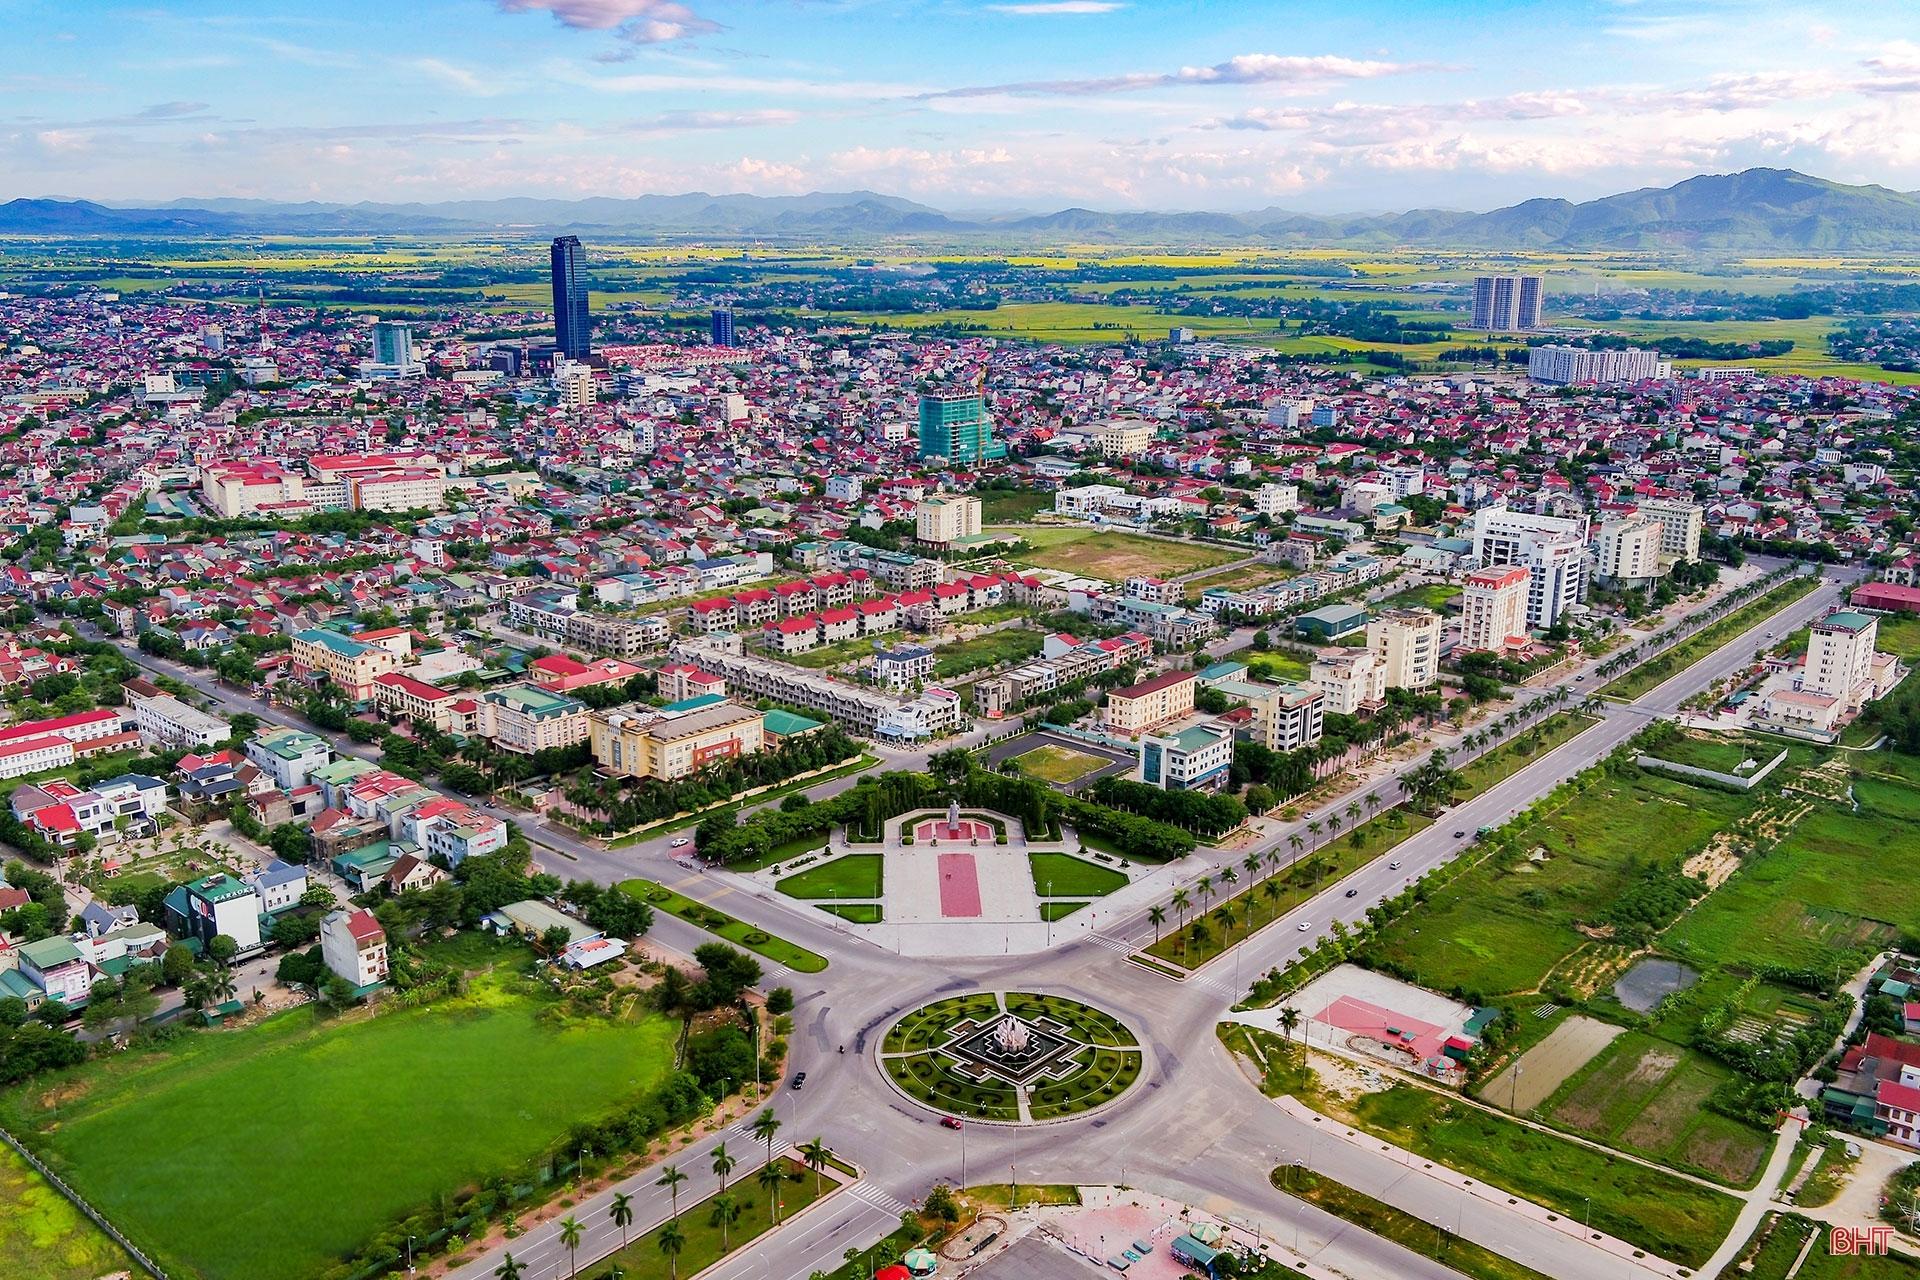 Hà Tĩnh: Phê duyệt đồ án quy hoạch Công viên trung tâm TP Hà Tĩnh và Khu đô thị Lam Hồng Garden Park City